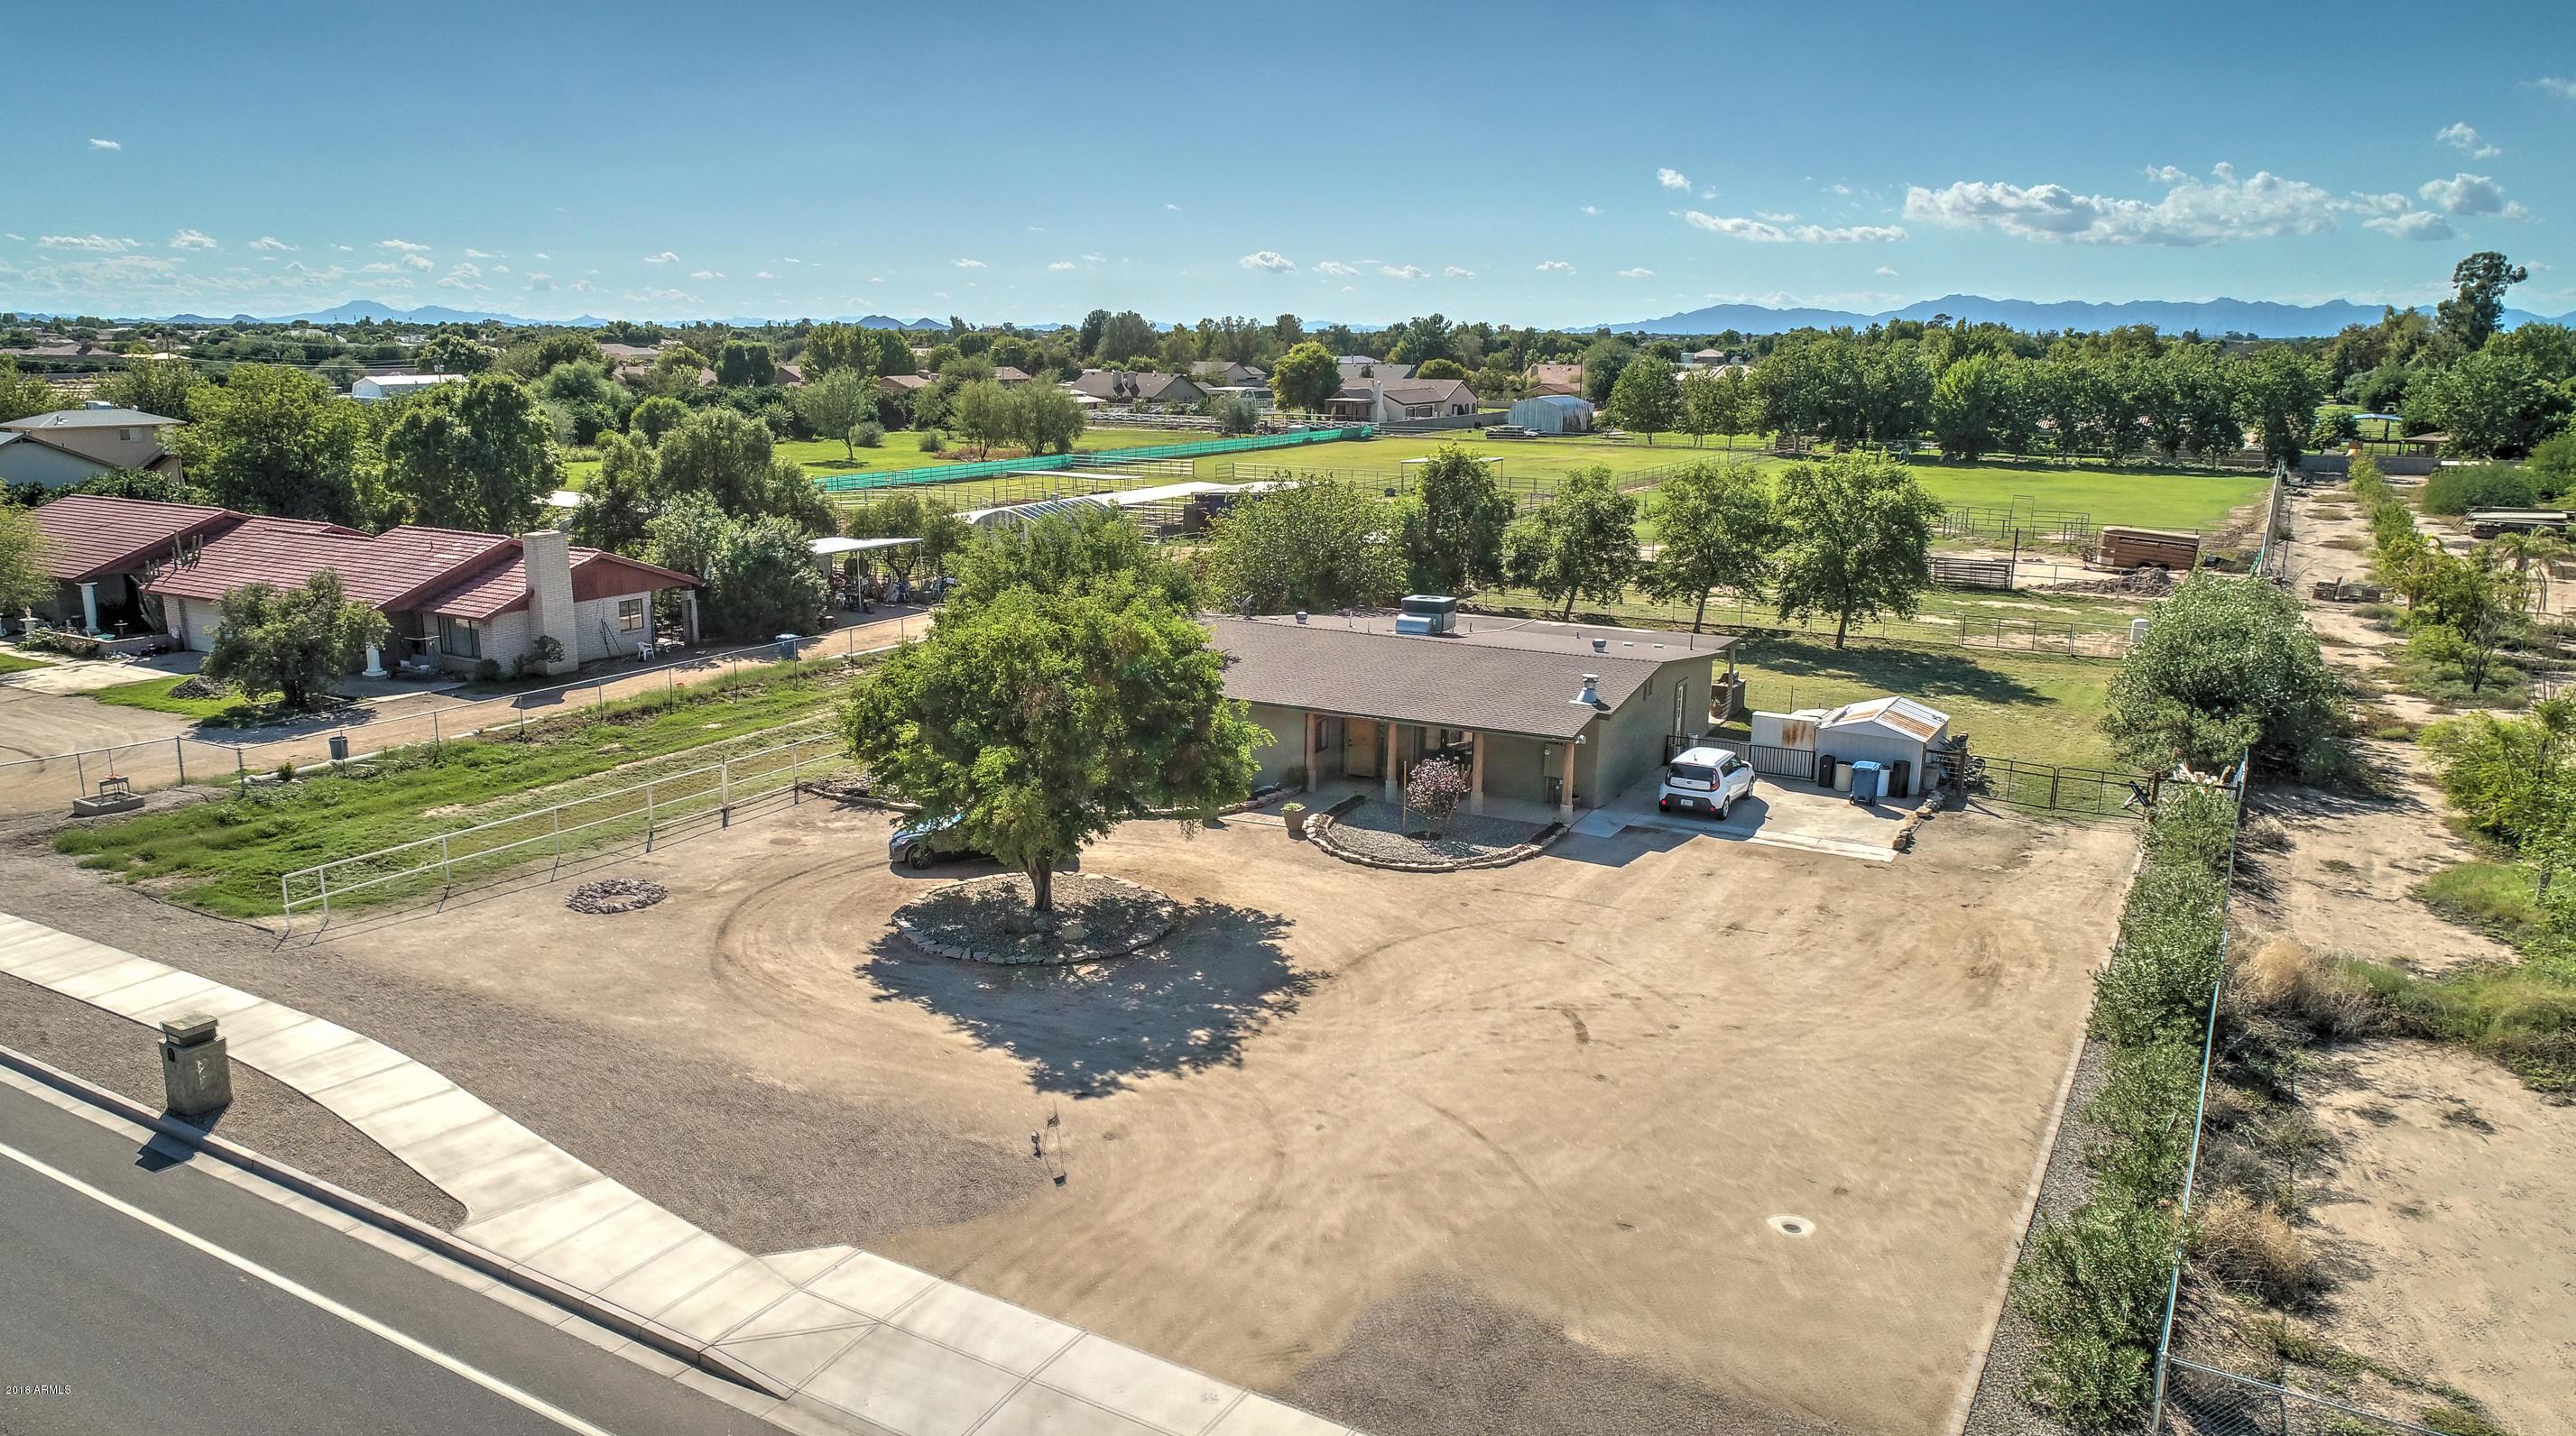 MLS 5833518 21628 S GREENFIELD Road, Gilbert, AZ 85298 Gilbert AZ Equestrian